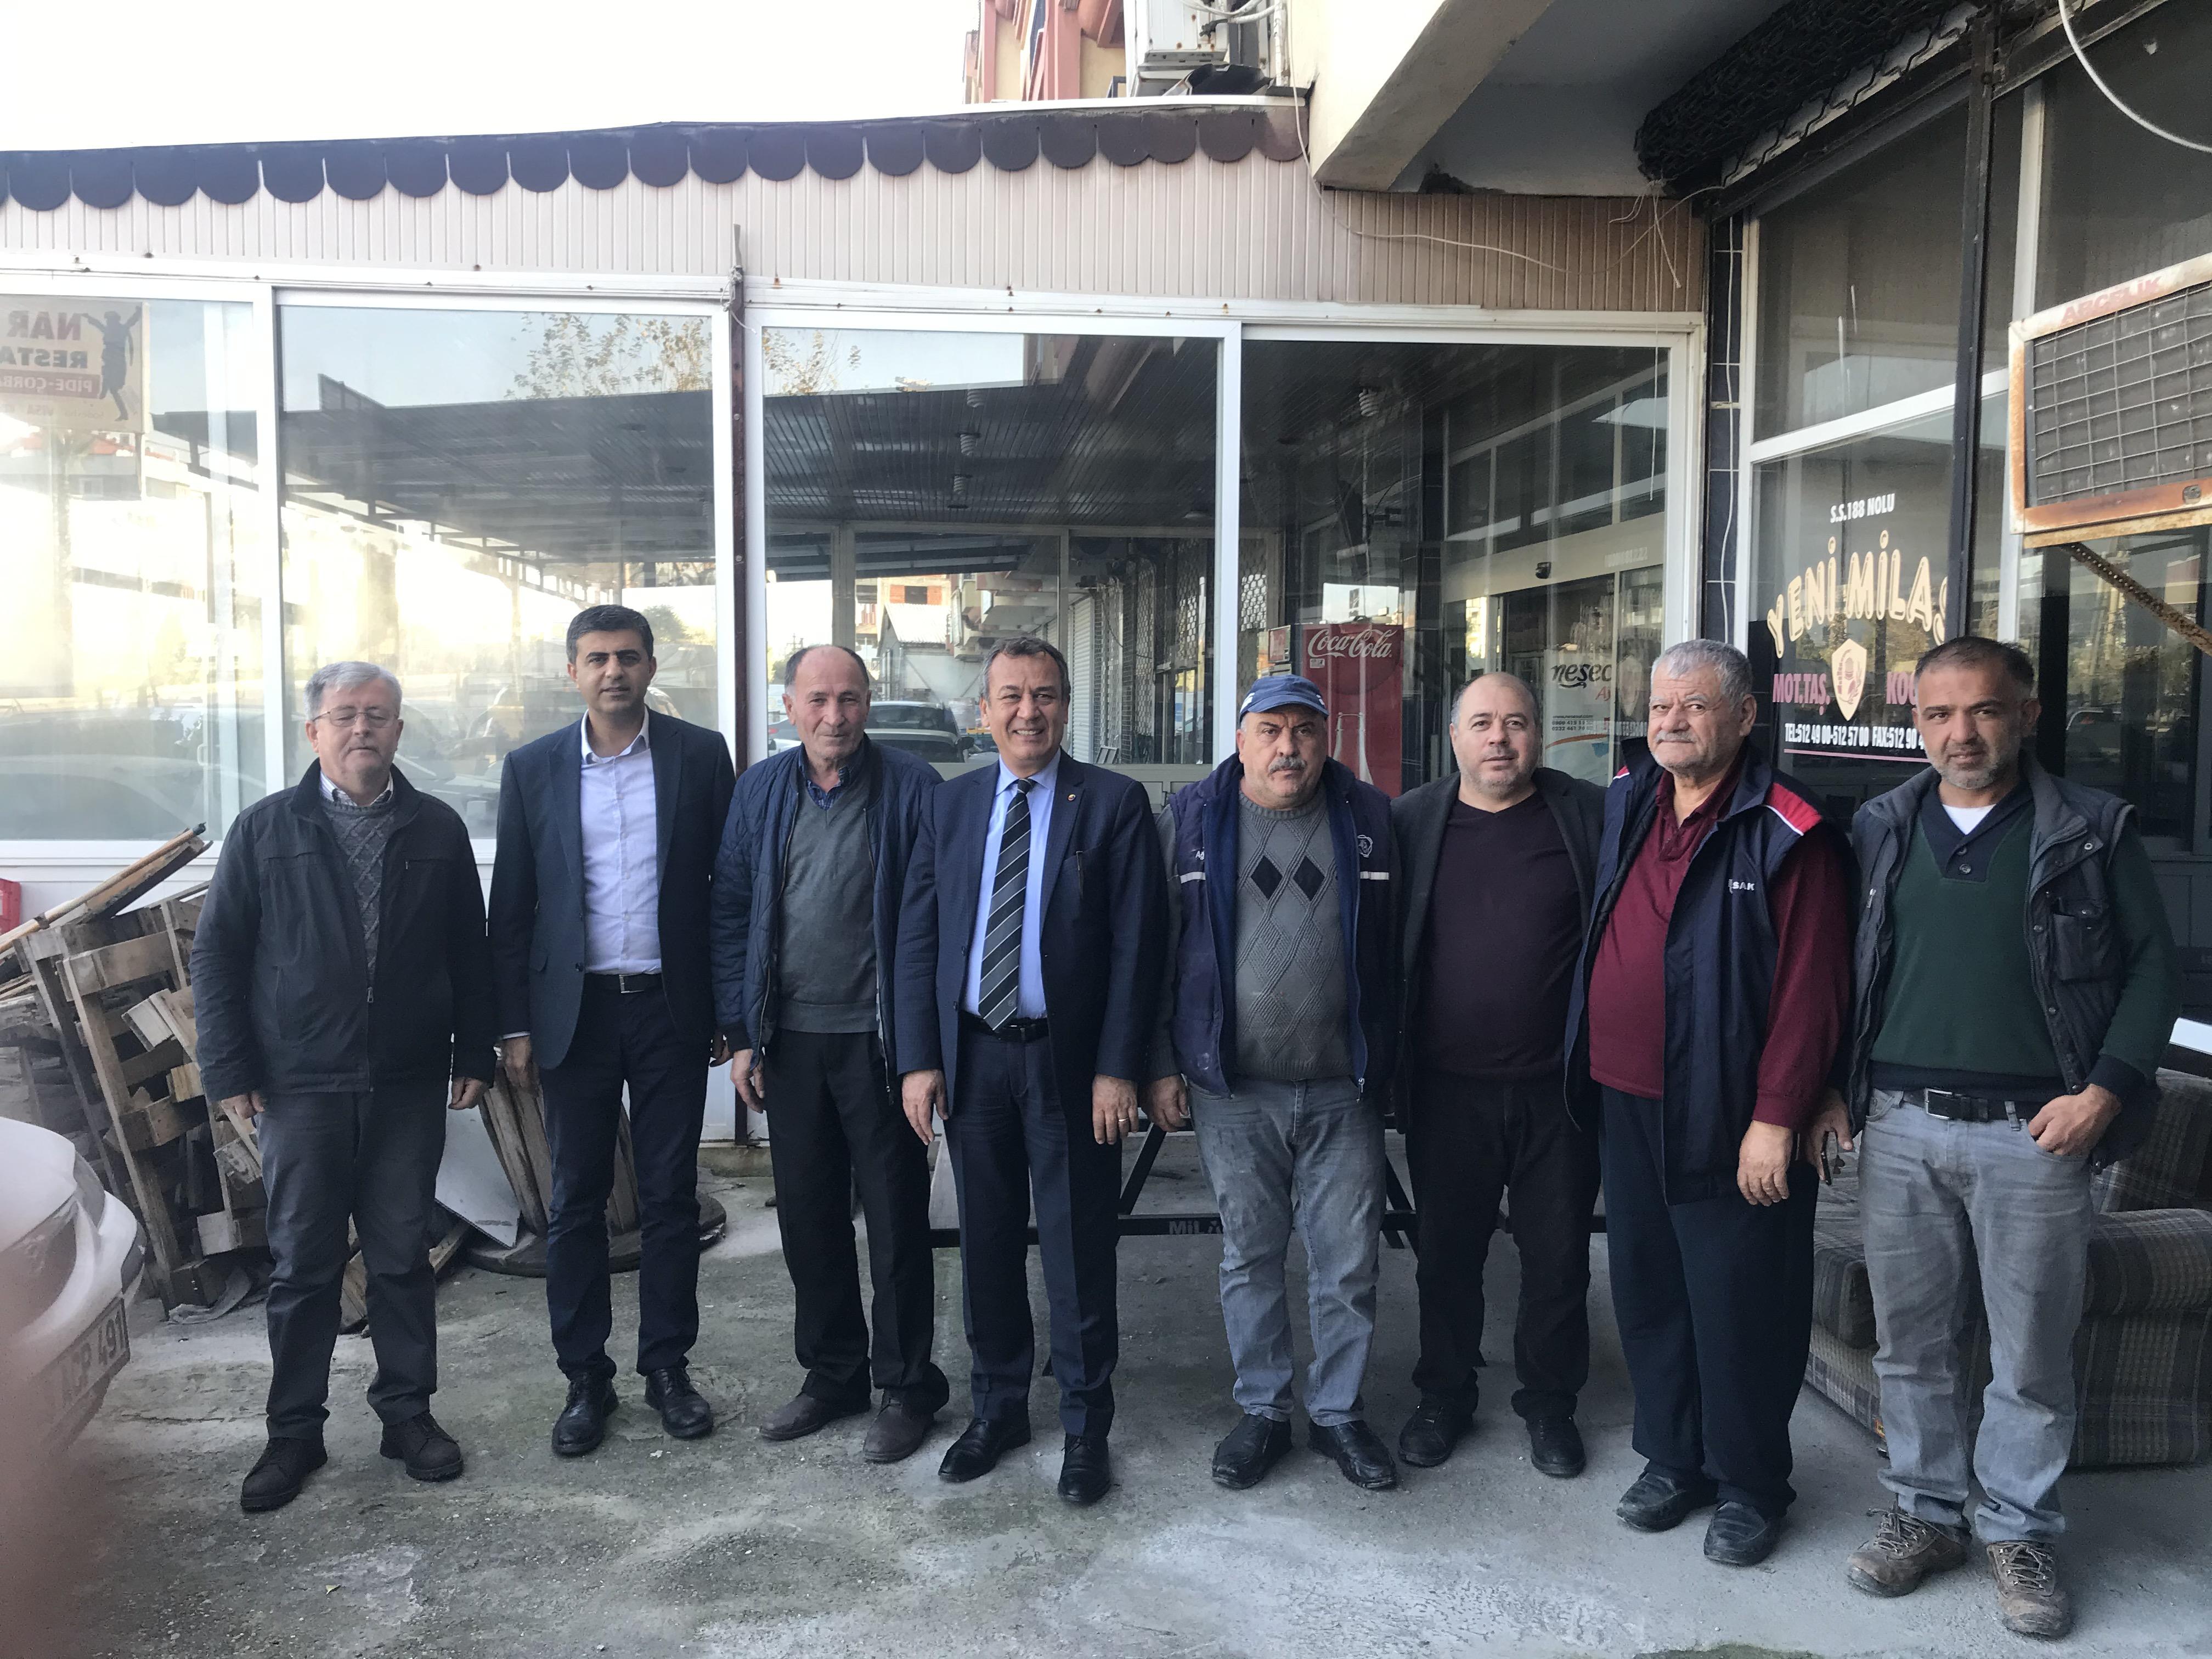 MİTSO'dan üyelere ziyaretler: S.S.188 No'lu YENİ MİLAS MOTORLU TAŞIYICILAR KOOPERATİFİ'NE HAYIRLI İŞLER